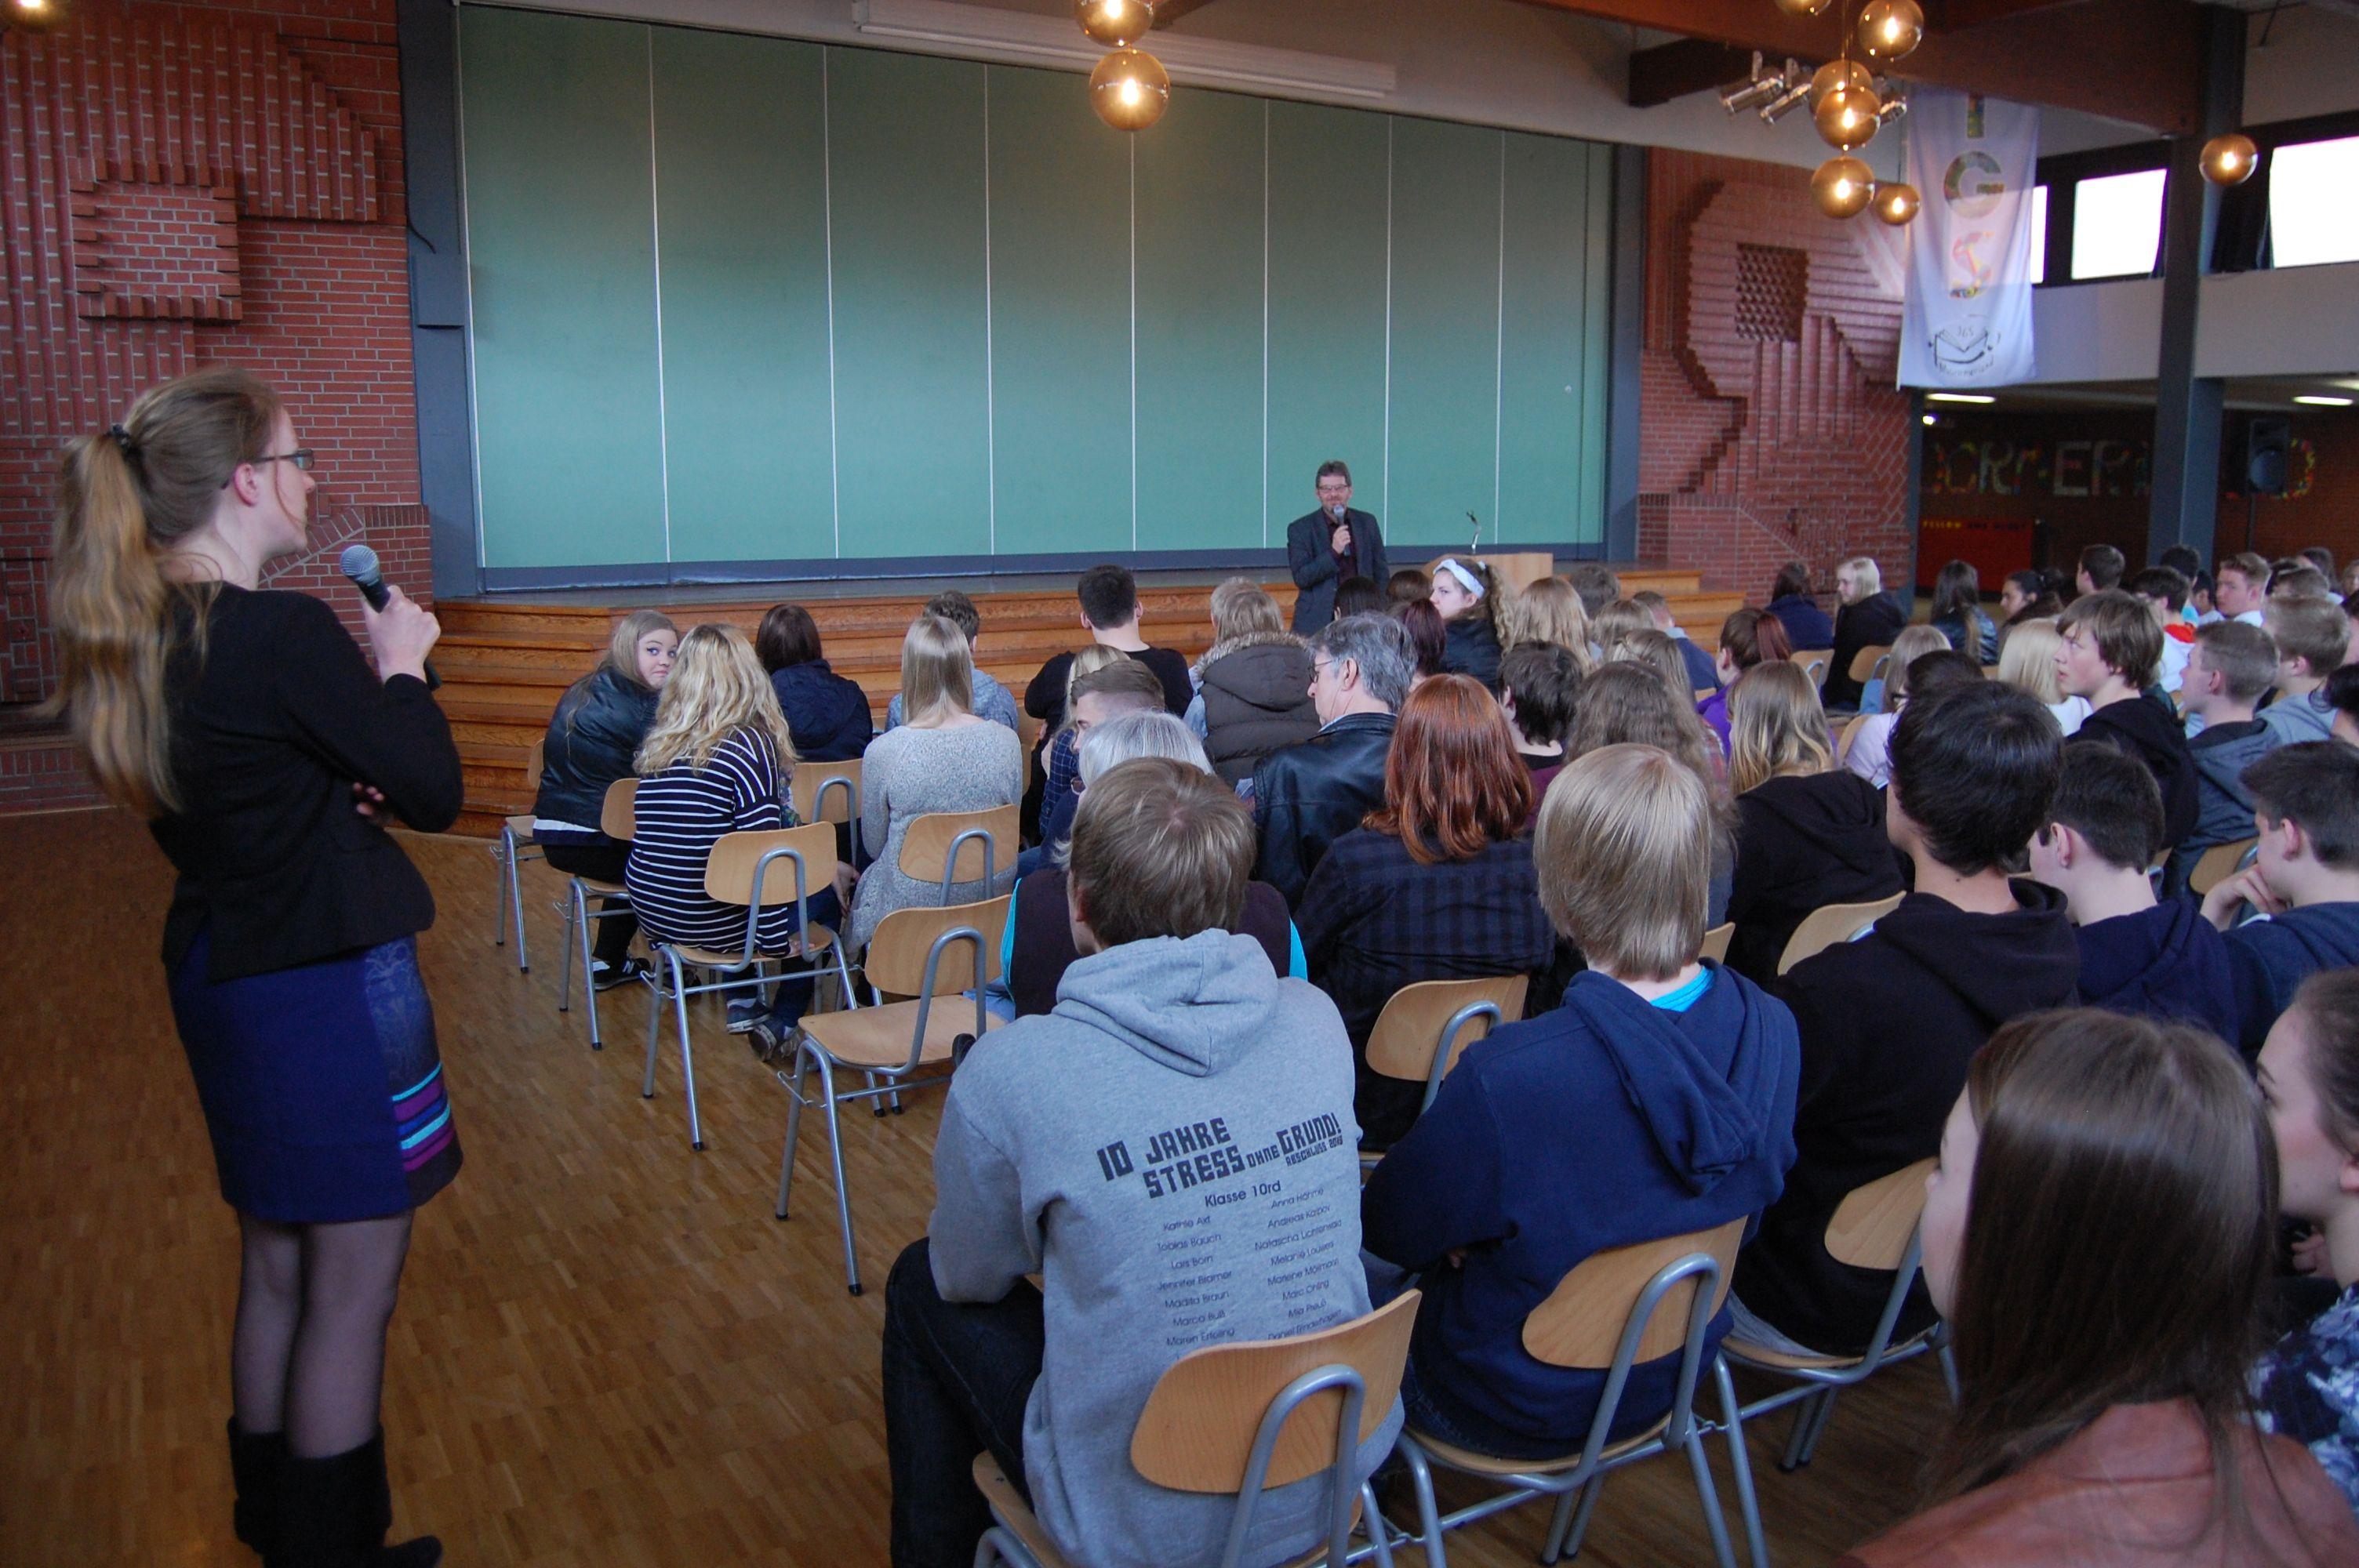 Auch Lehrerinnen durften Fragen stellen -. wie hier Wiebke Vergin. Sie hatte gemeinsam mit Regina Kurz den ersten Besuch eines Bundestagsabgeordneten in der IGS Moormerland organisiert.